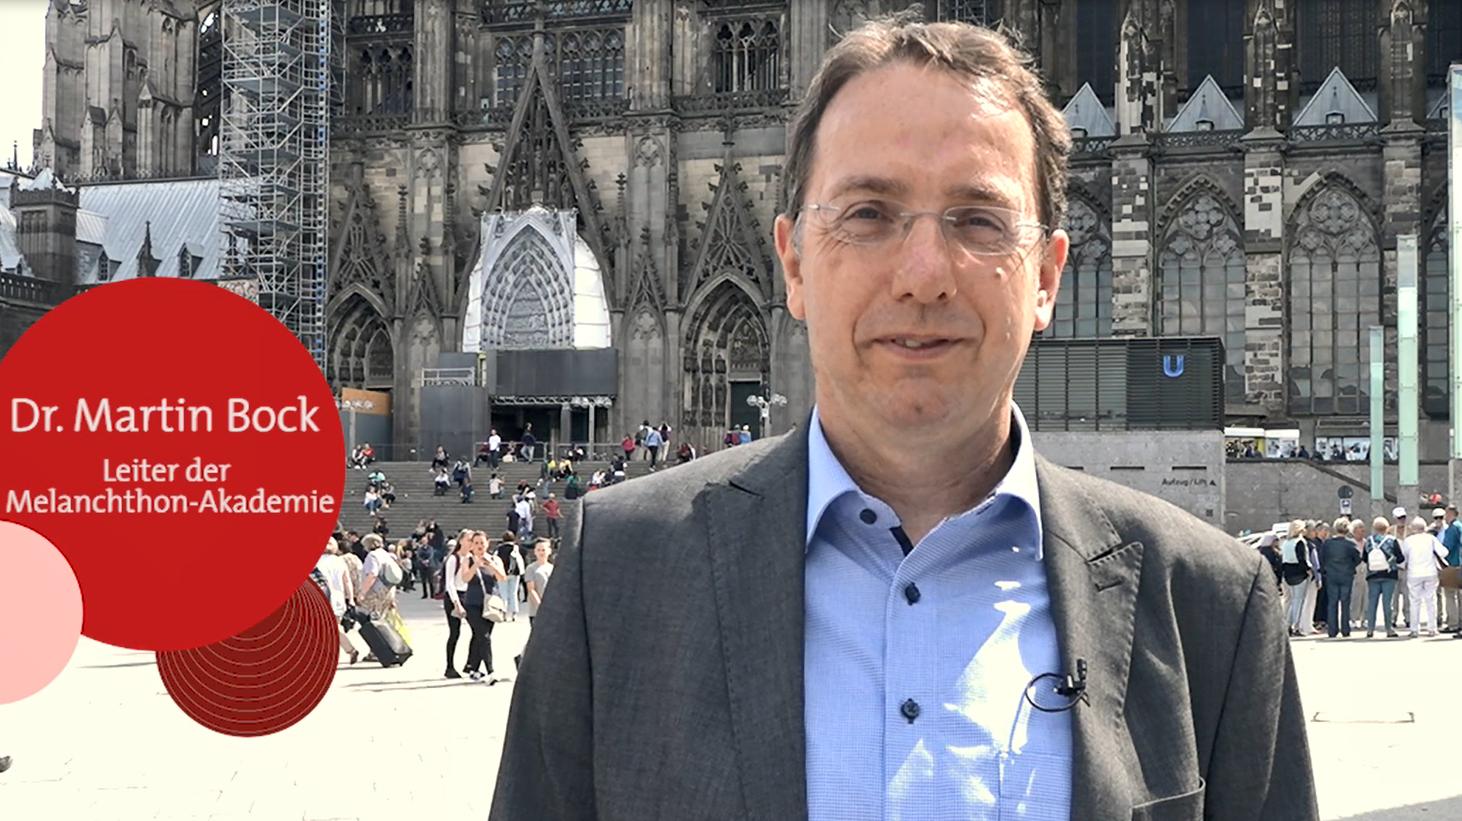 Theologie2go mit Dr. Martin Bock zum Thema Karl Barth